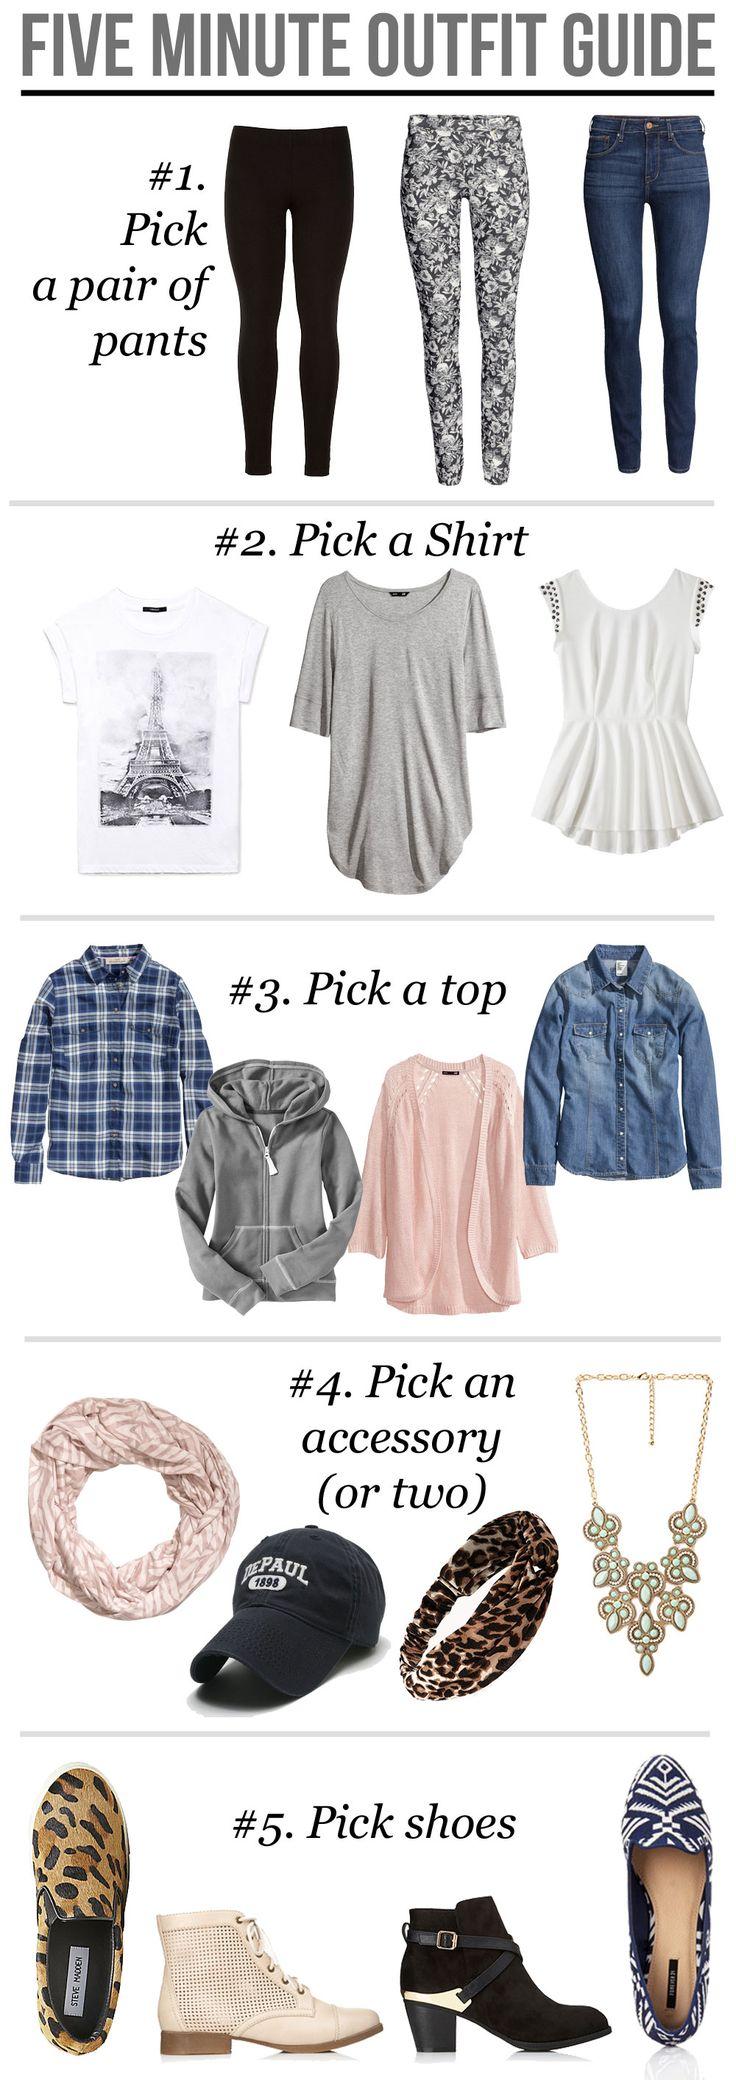 1375 Best Capsule Wardrobe Images On Pinterest Capsule